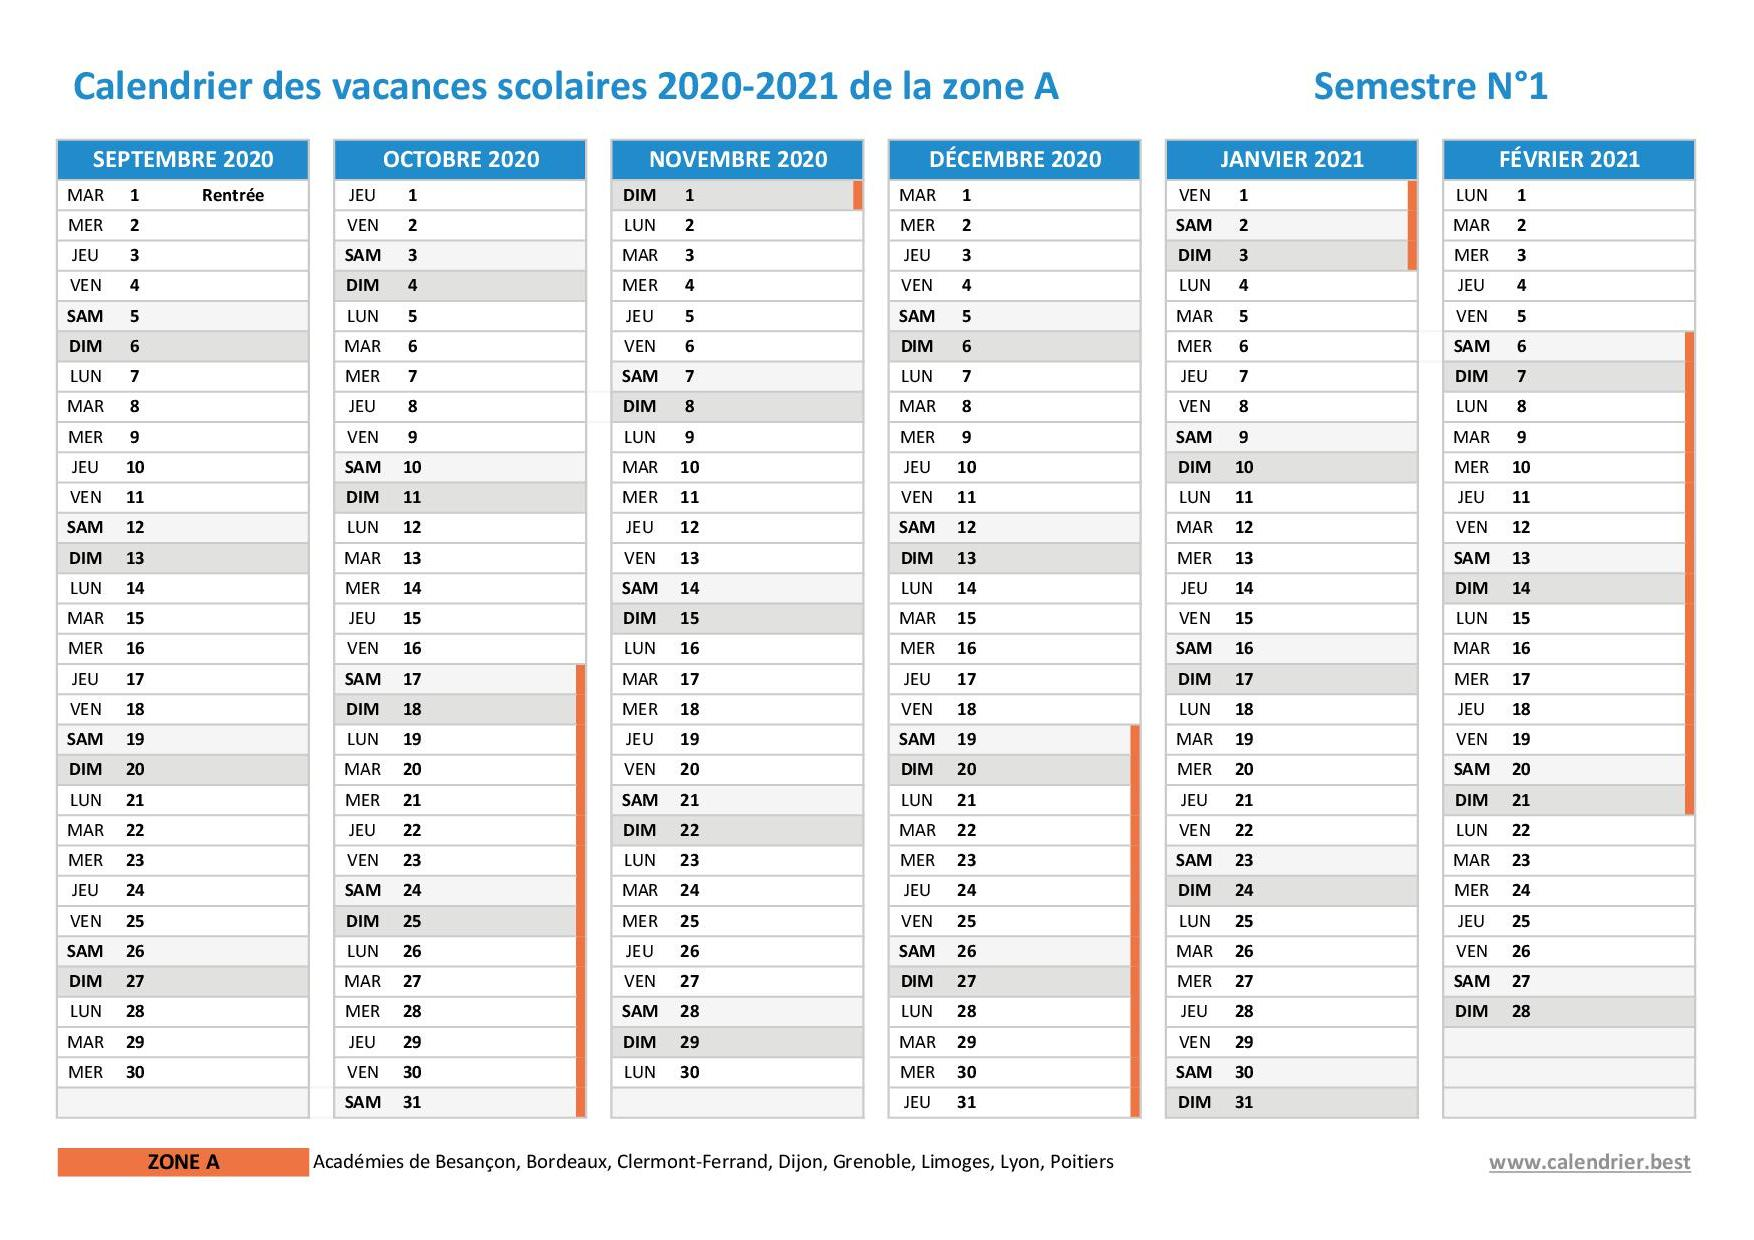 Calendrier Universitaire Lyon 2 2021 2022 Vacances scolaires 2020 2021 Lyon : dates et calendrier